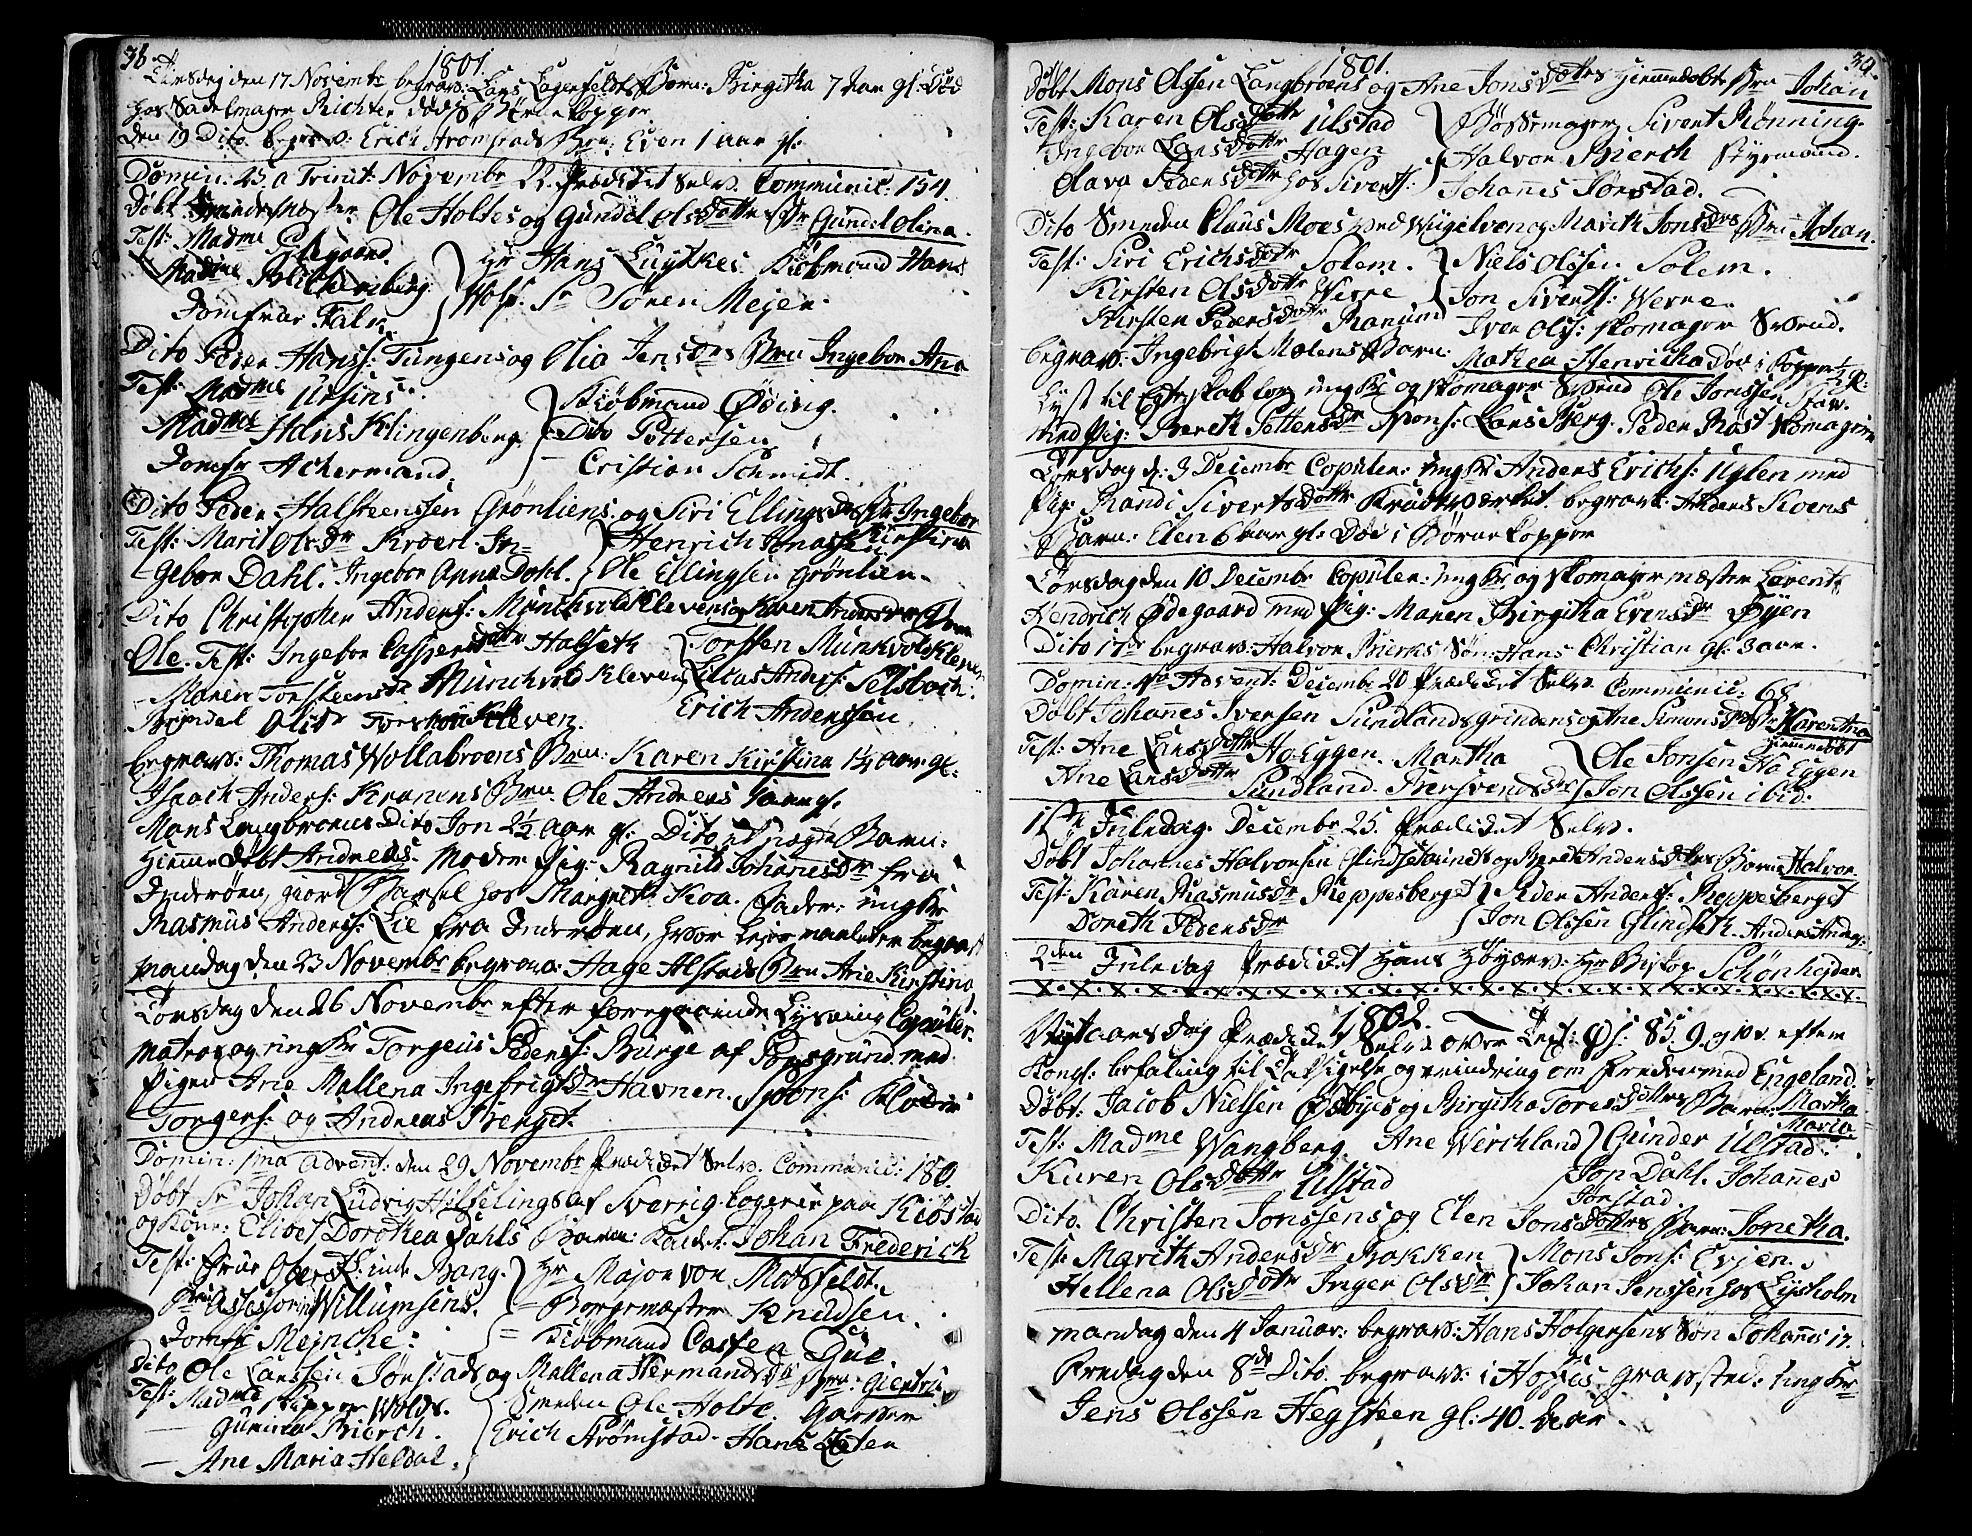 SAT, Ministerialprotokoller, klokkerbøker og fødselsregistre - Sør-Trøndelag, 604/L0181: Ministerialbok nr. 604A02, 1798-1817, s. 38-39